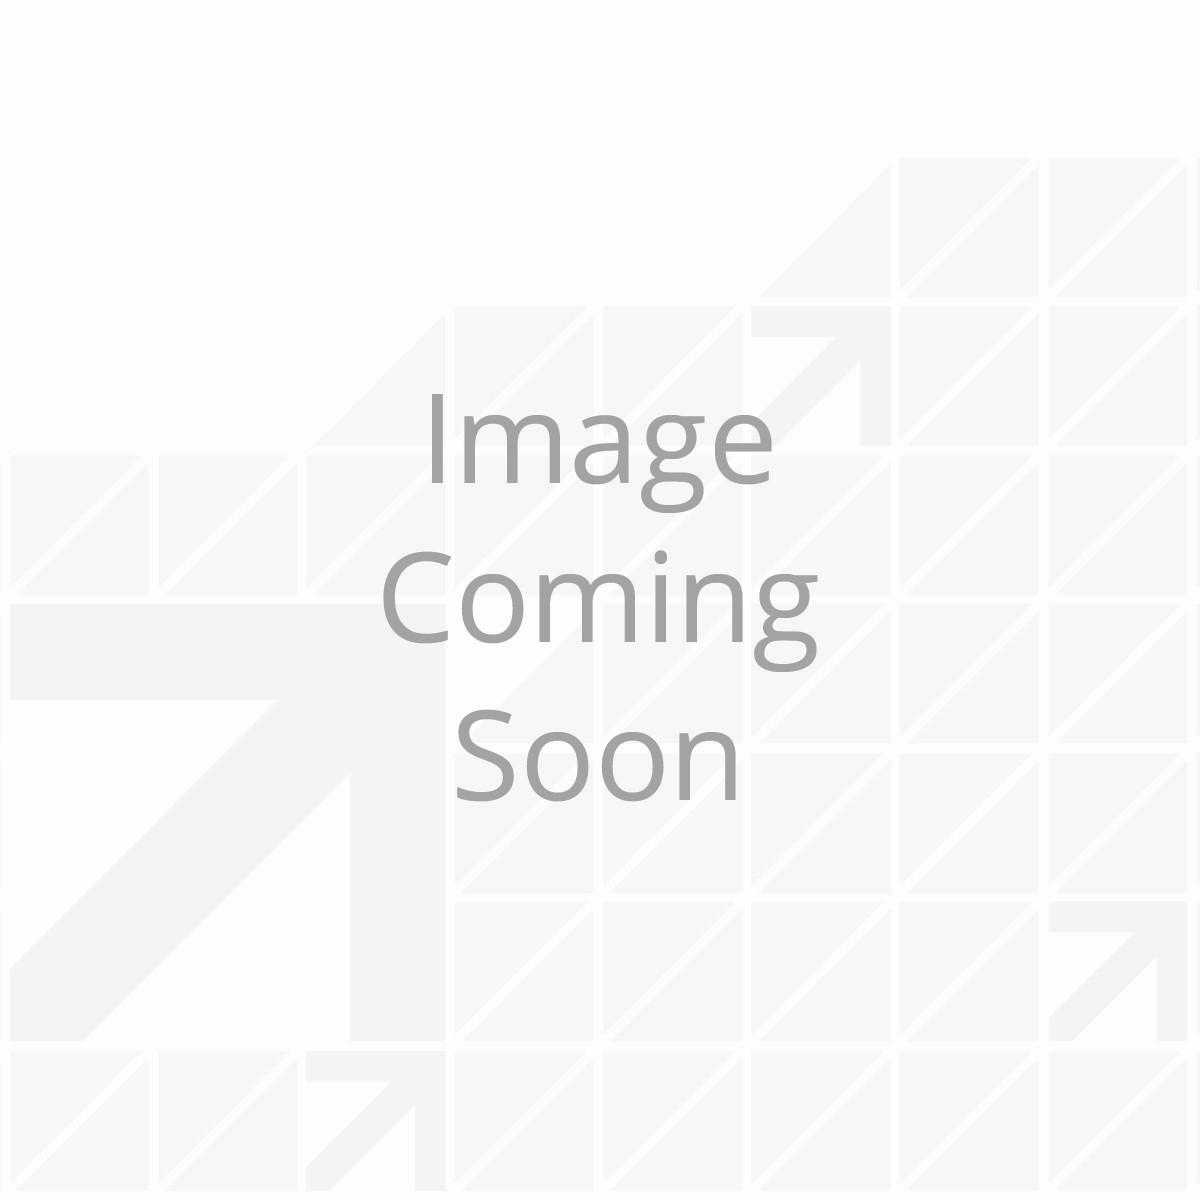 146060_Repair-Kit_001